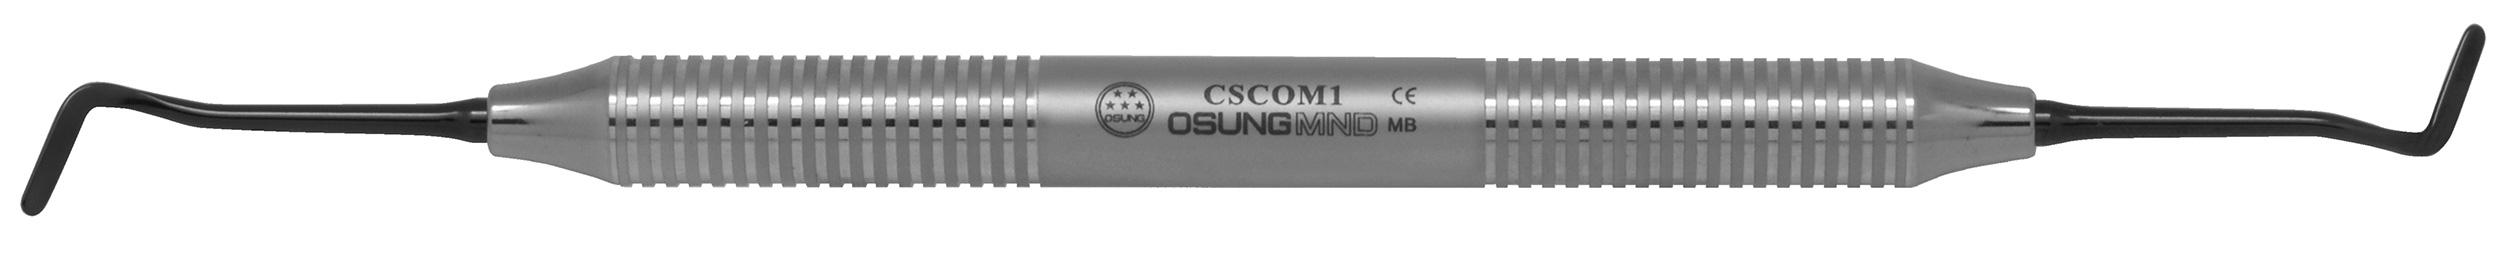 CSCOM1